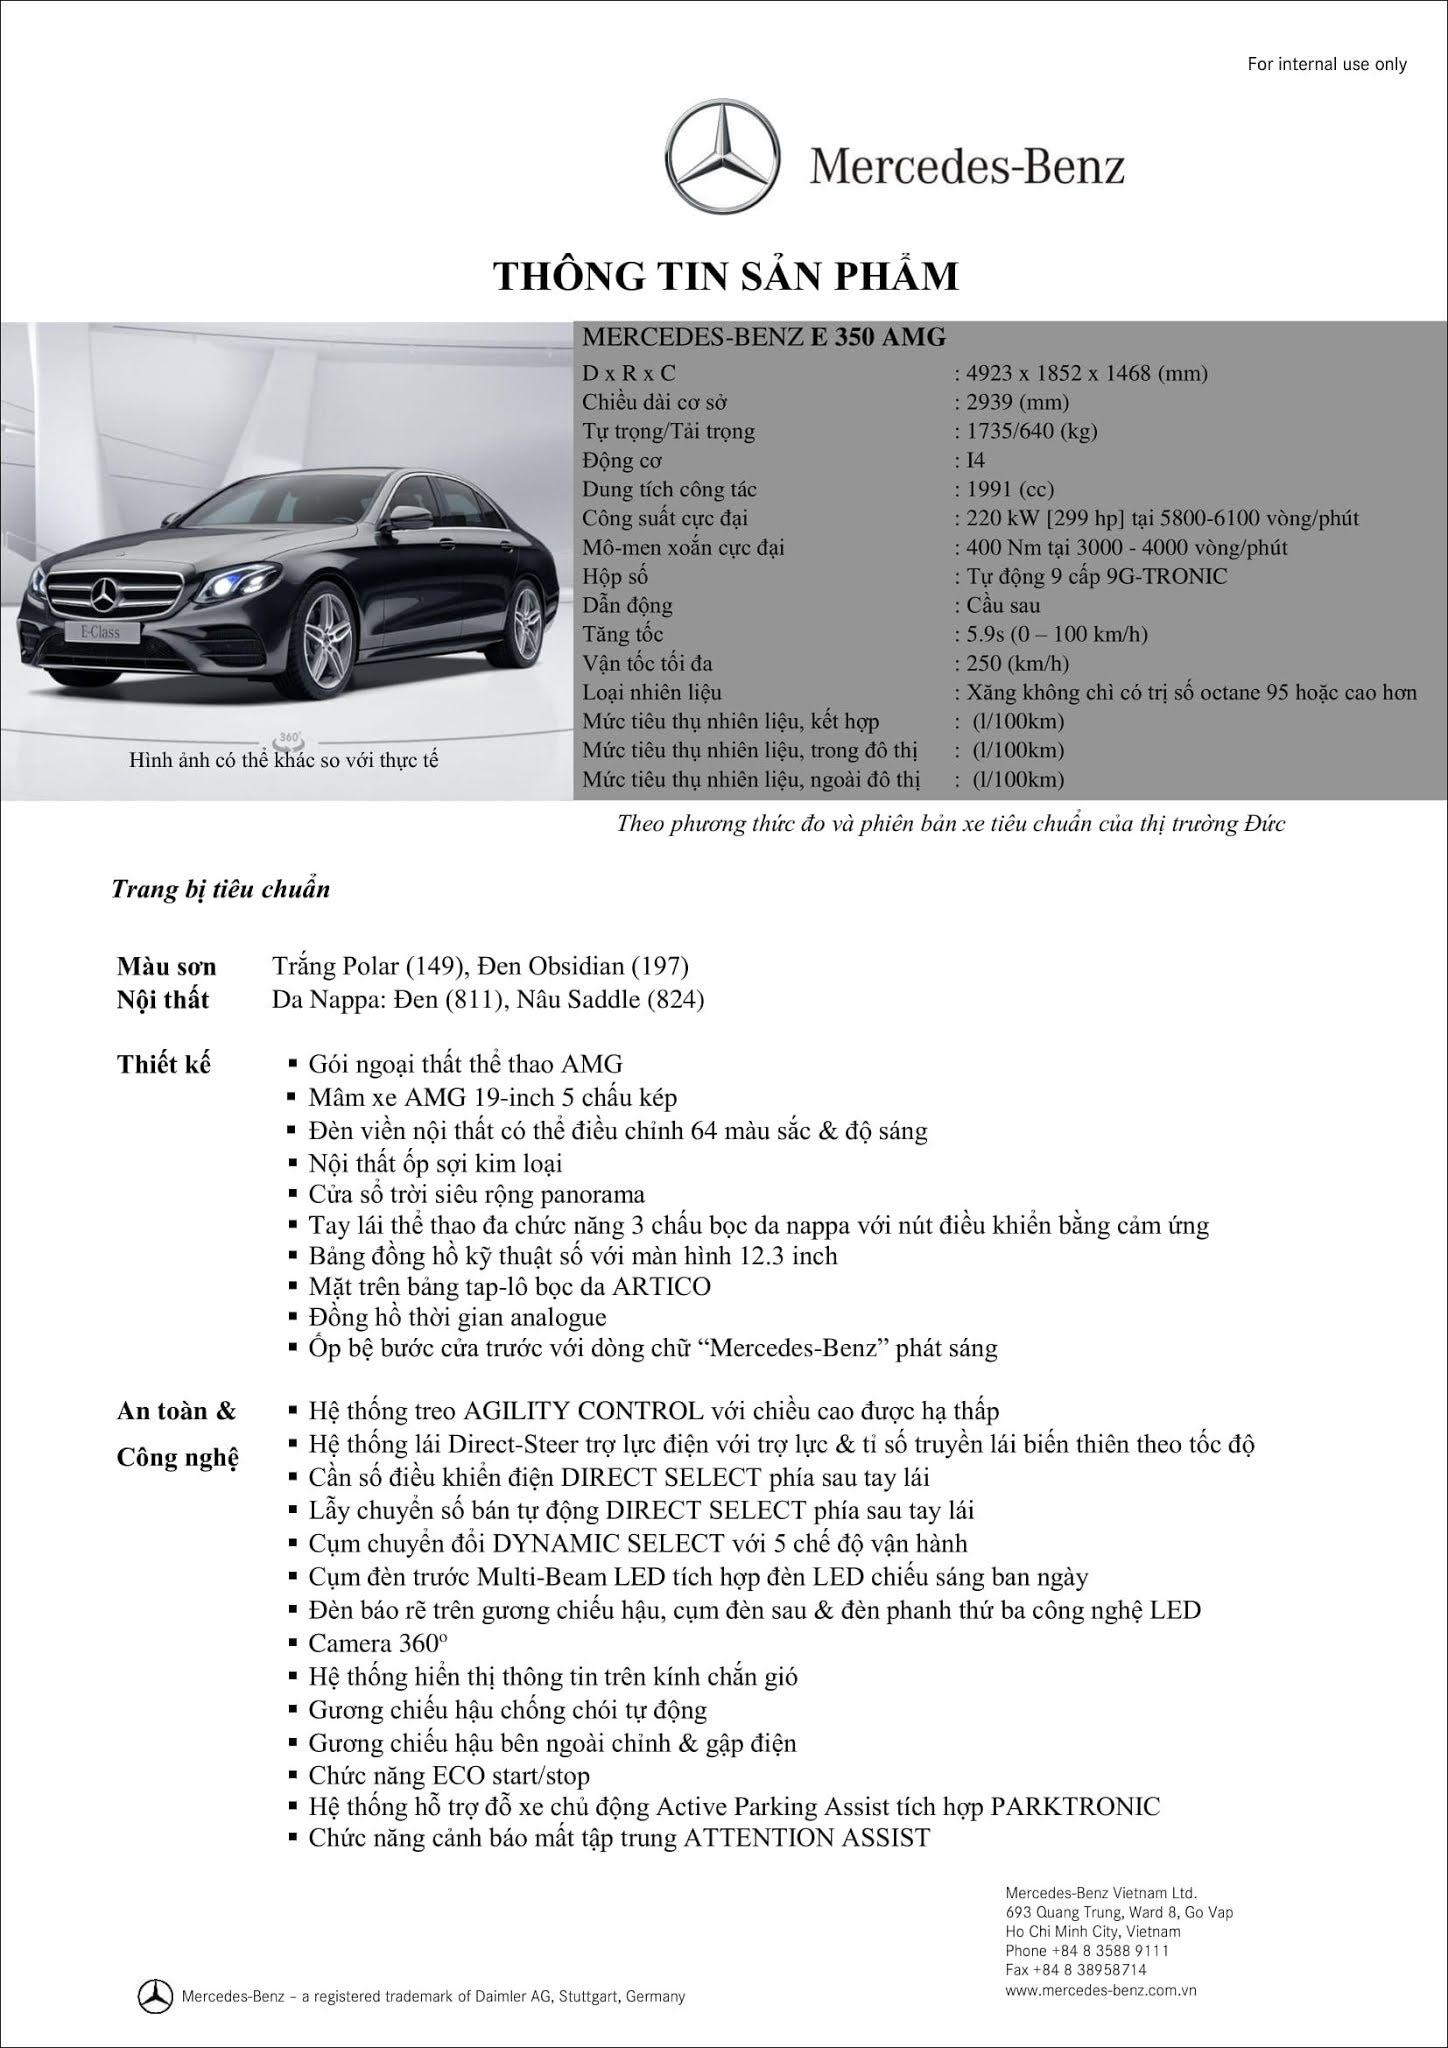 Bảng thông số kỹ thuật Mercedes E350 AMG 2019 tại thị trường Việt Nam